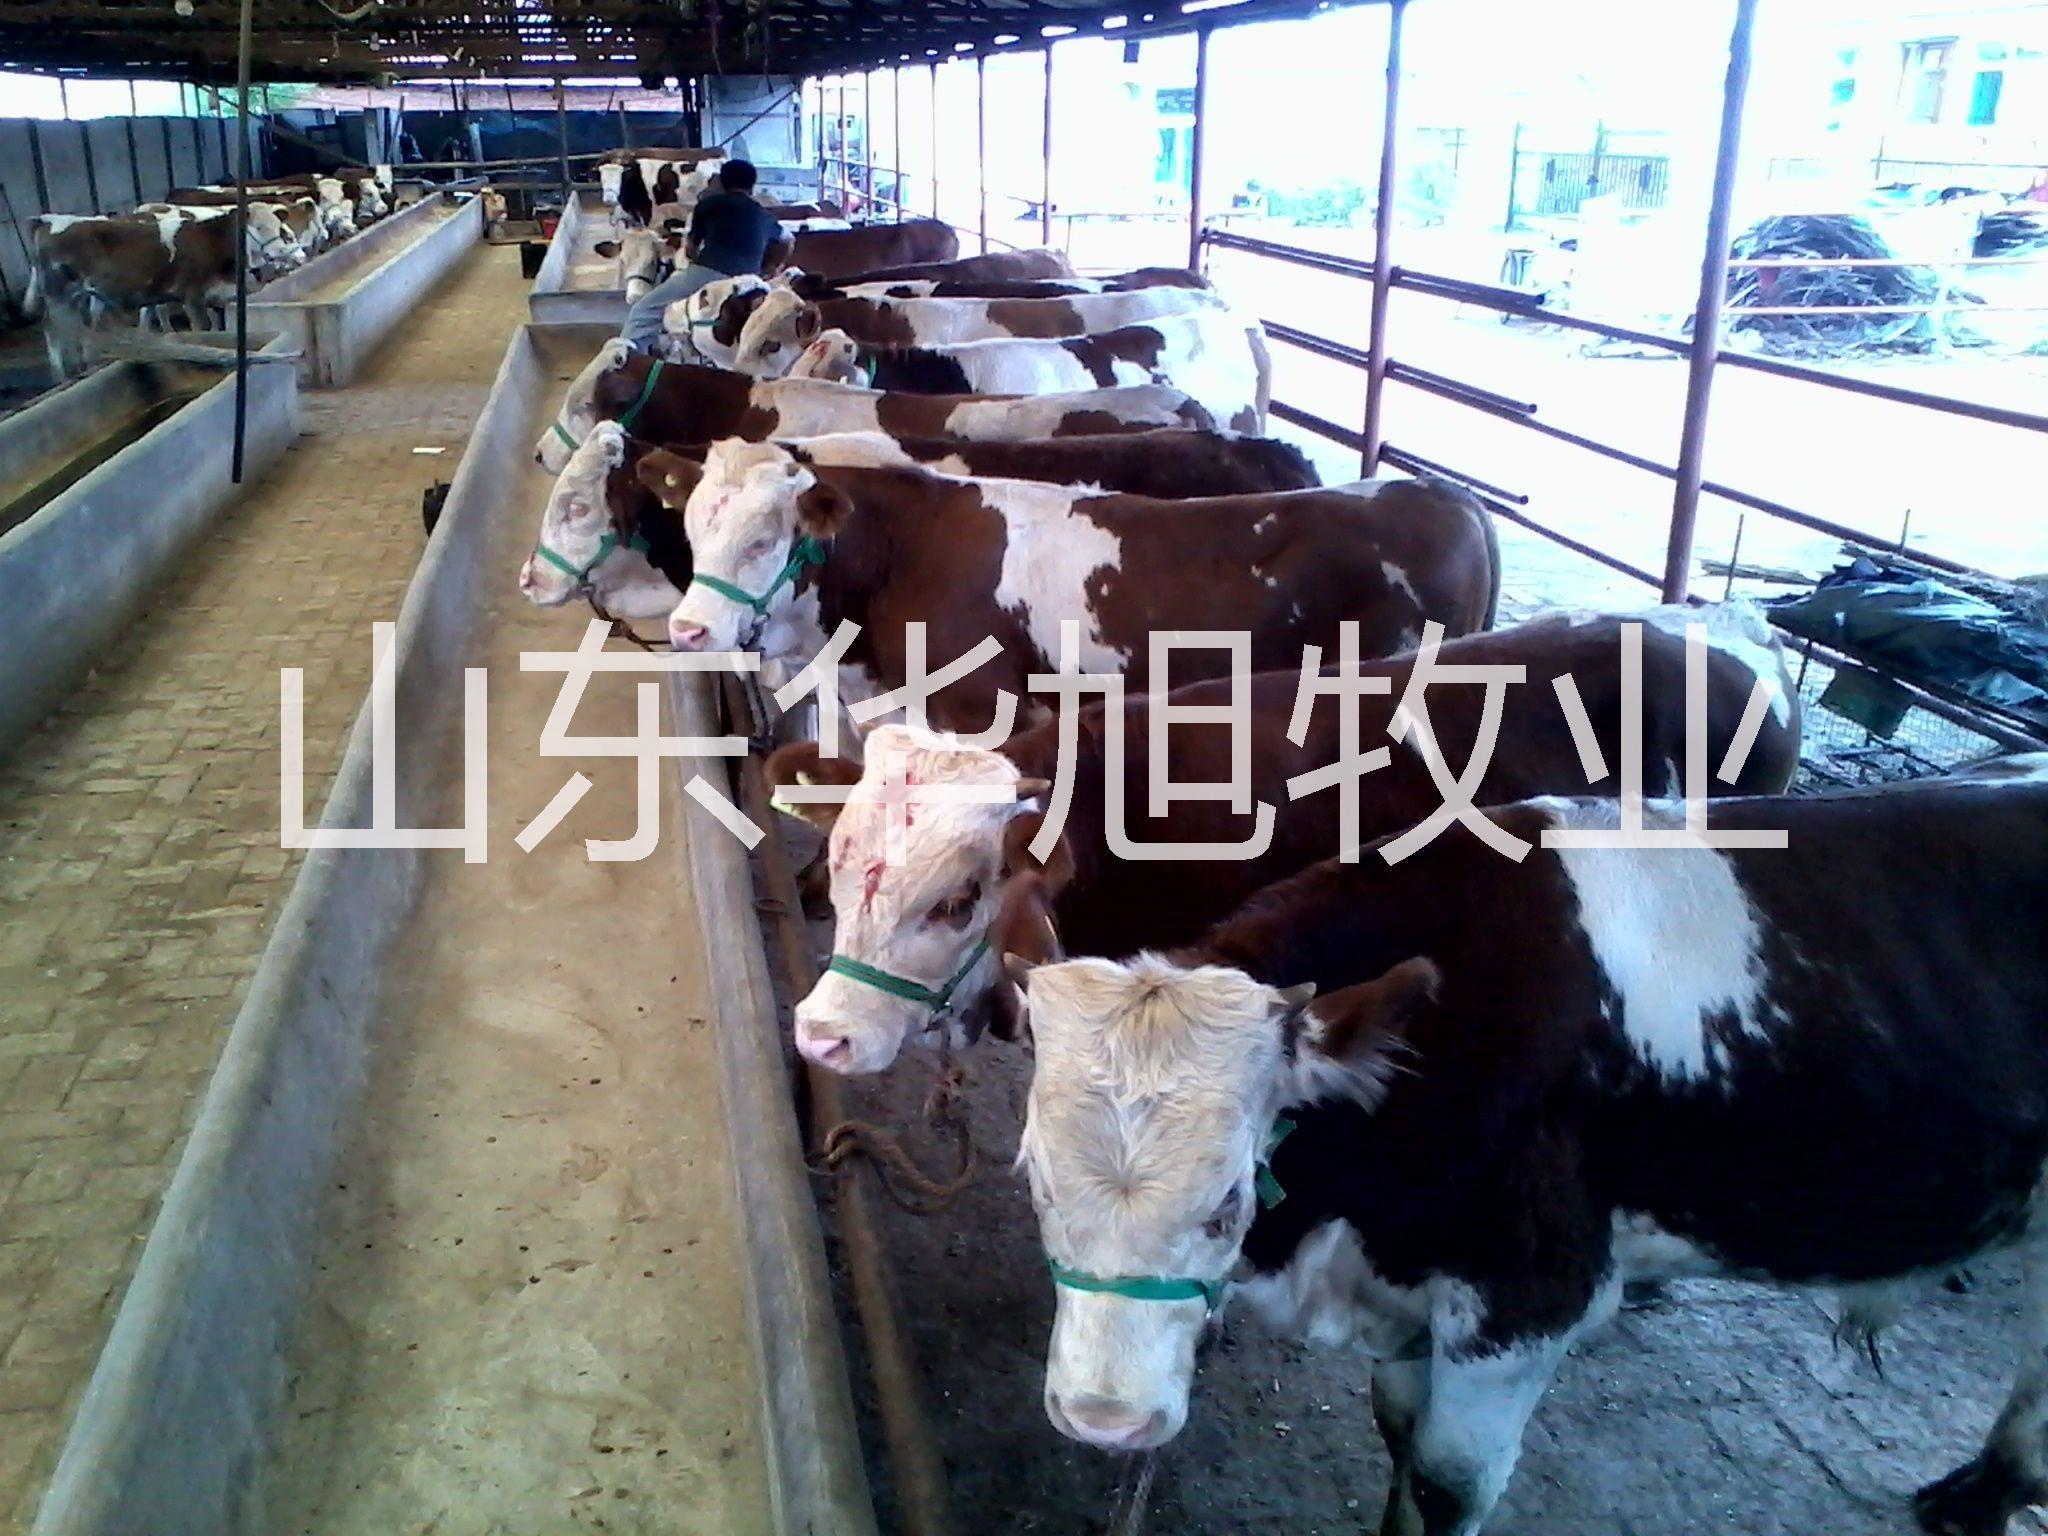 供应呼和浩特鲁西黄牛种牛基地,种牛的饲养与方法,种牛的疾病预防